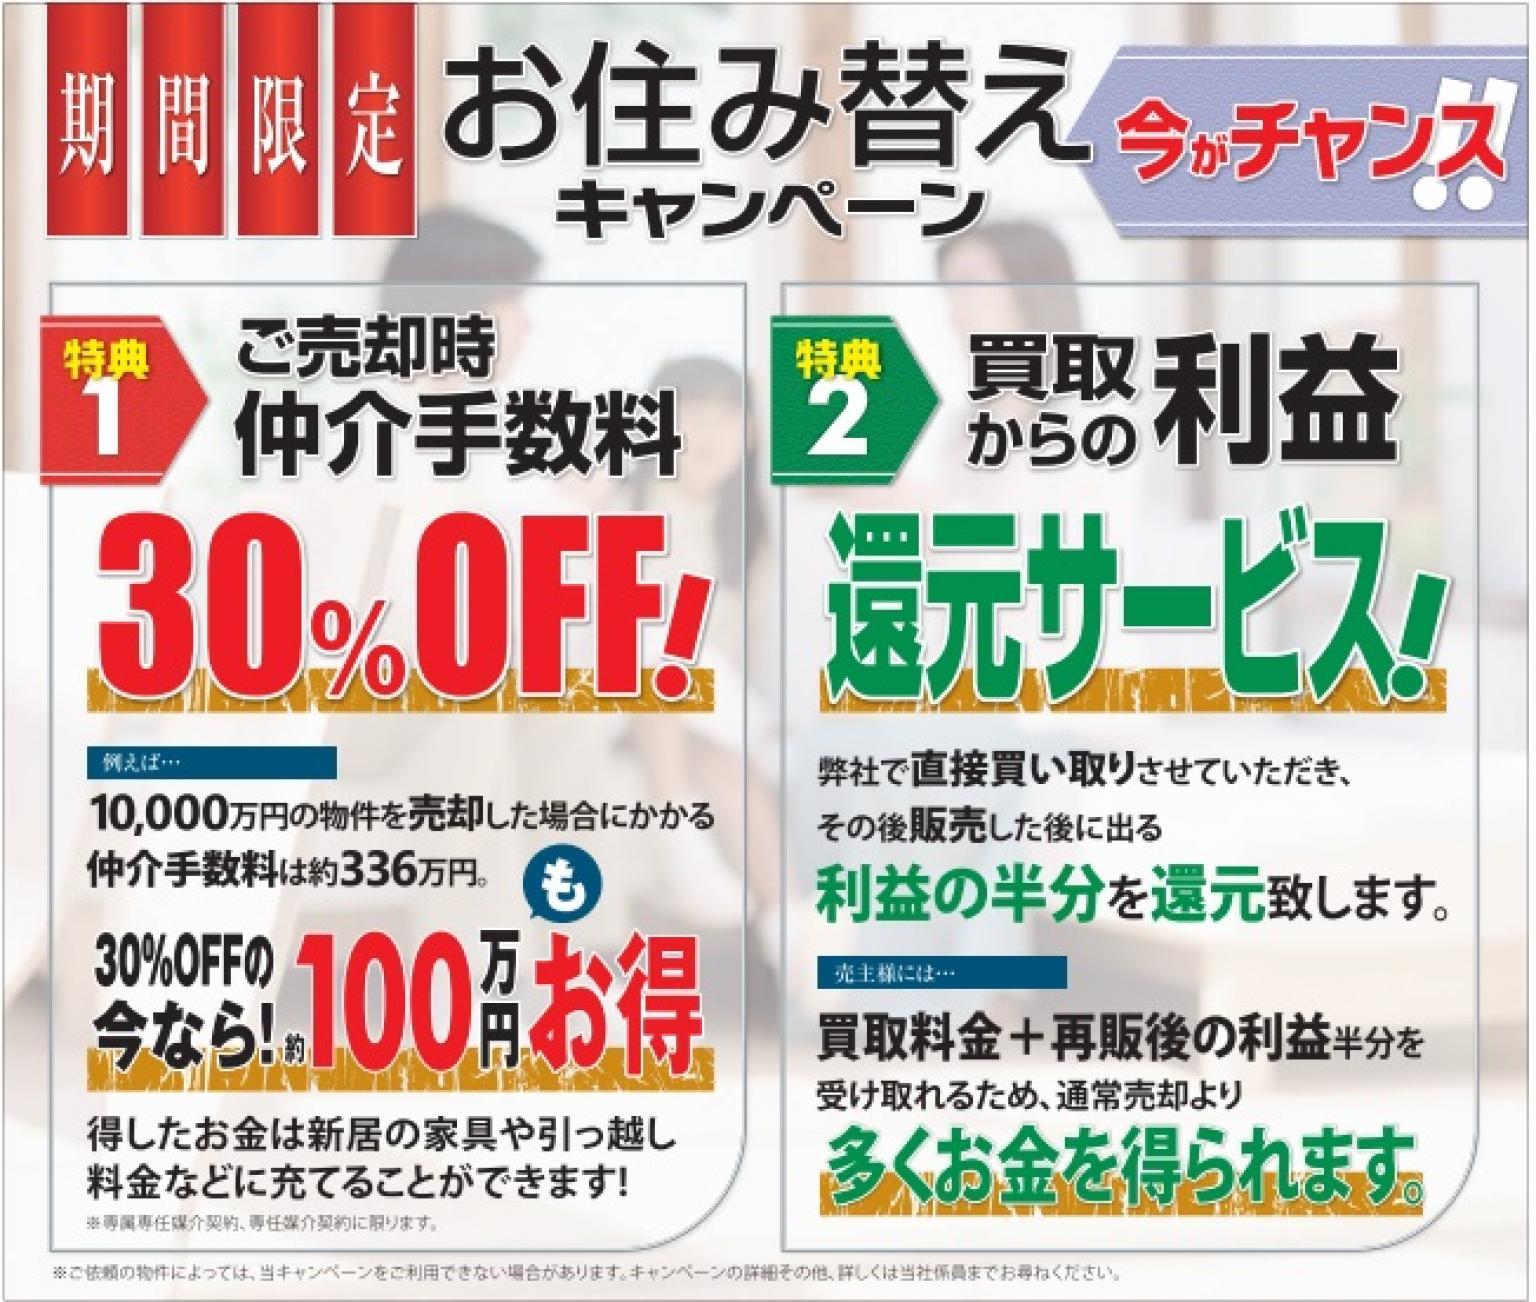 株式会社アドキャスト 新宿支店